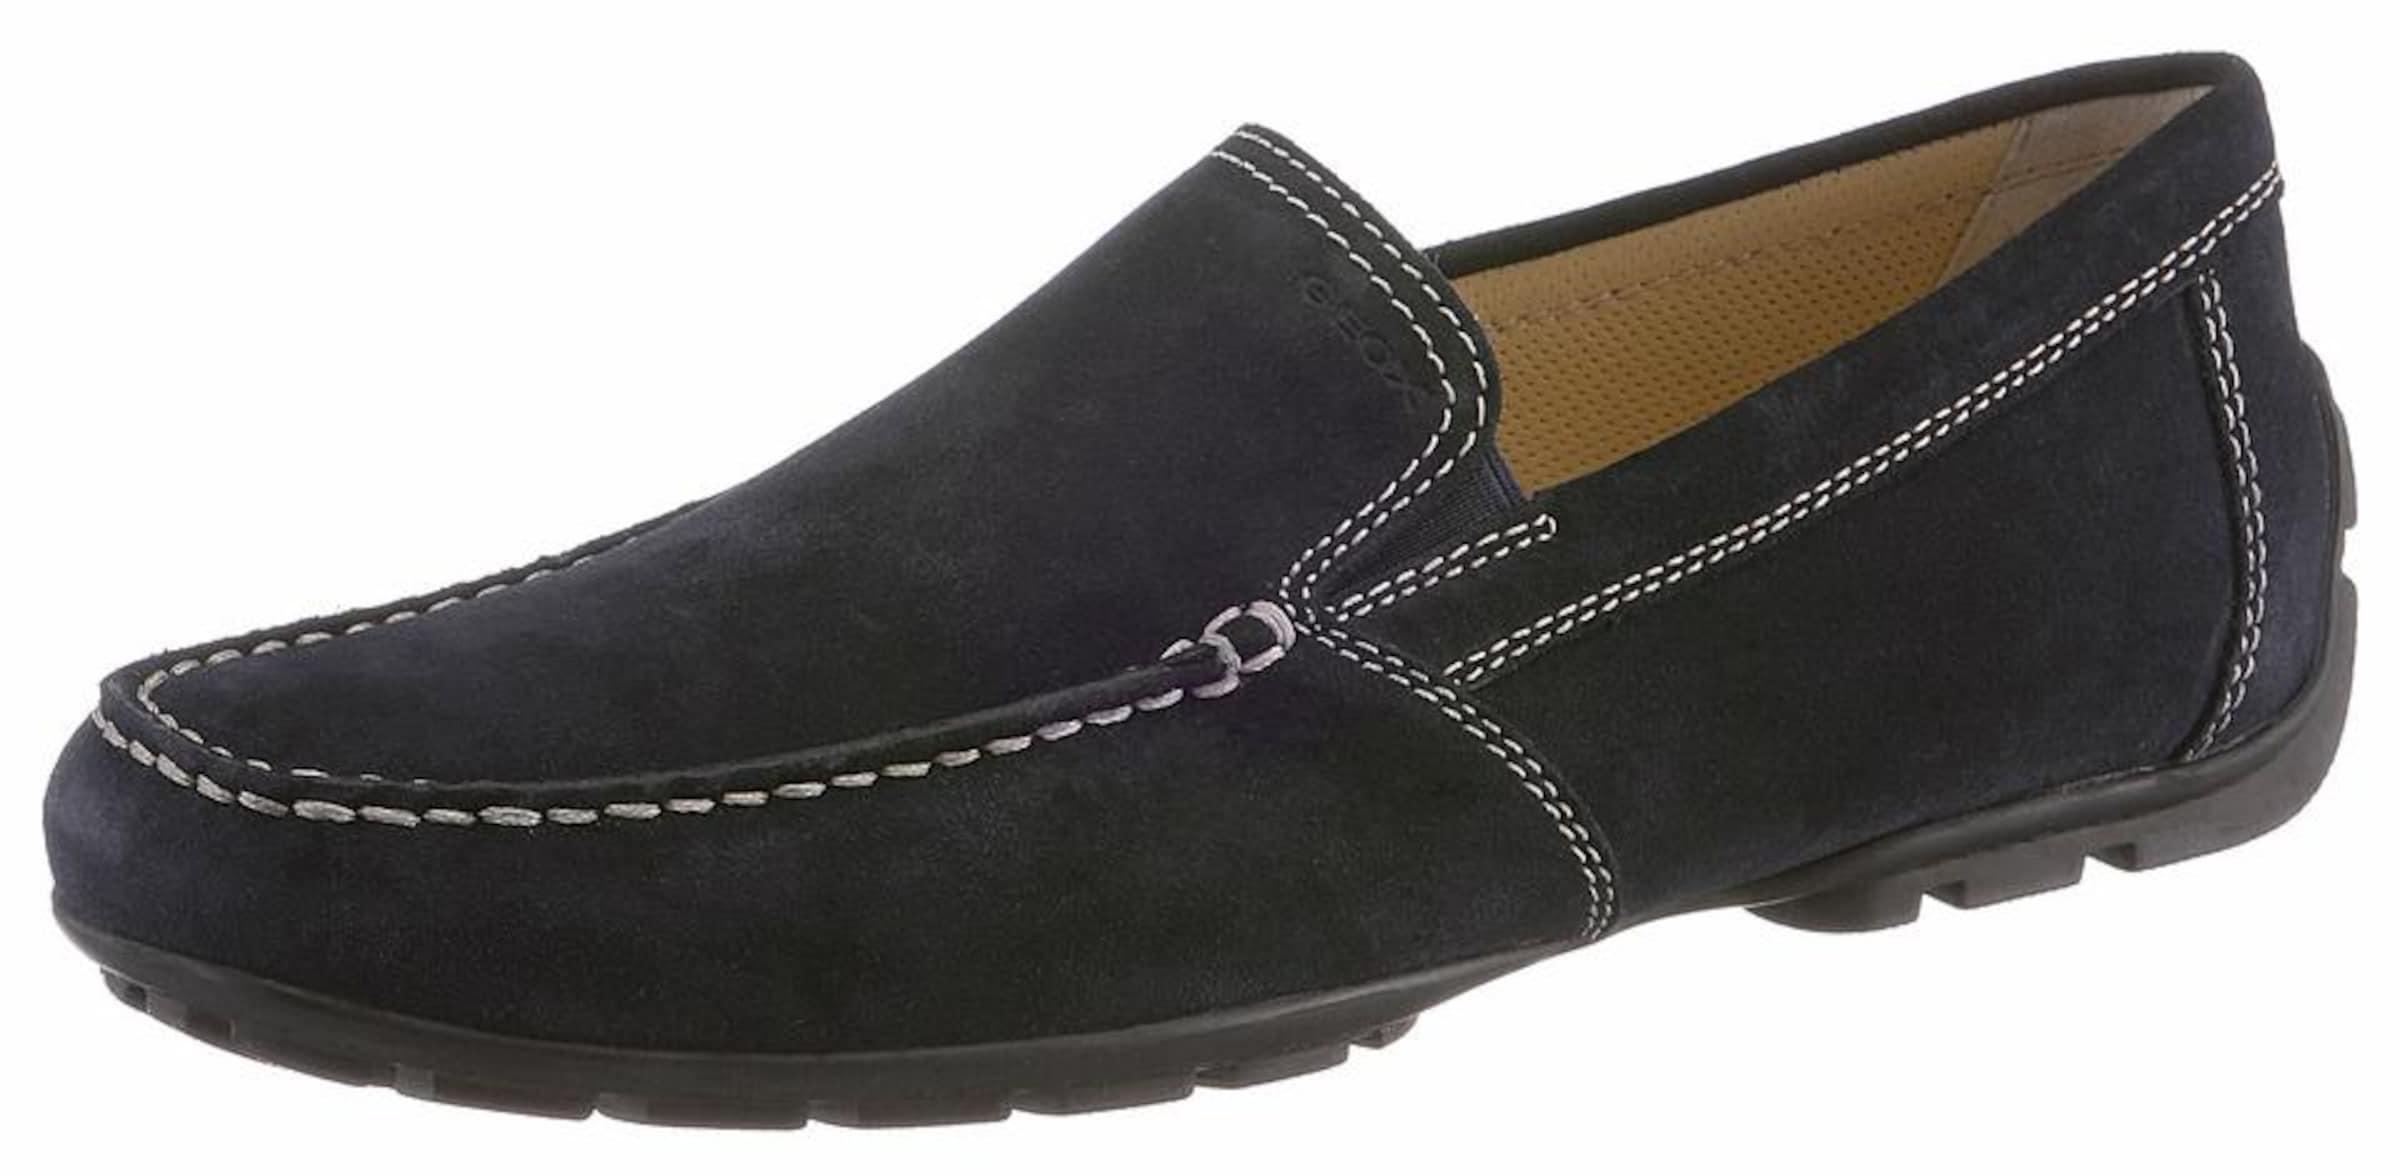 GEOX Mokassin Günstige und langlebige Schuhe